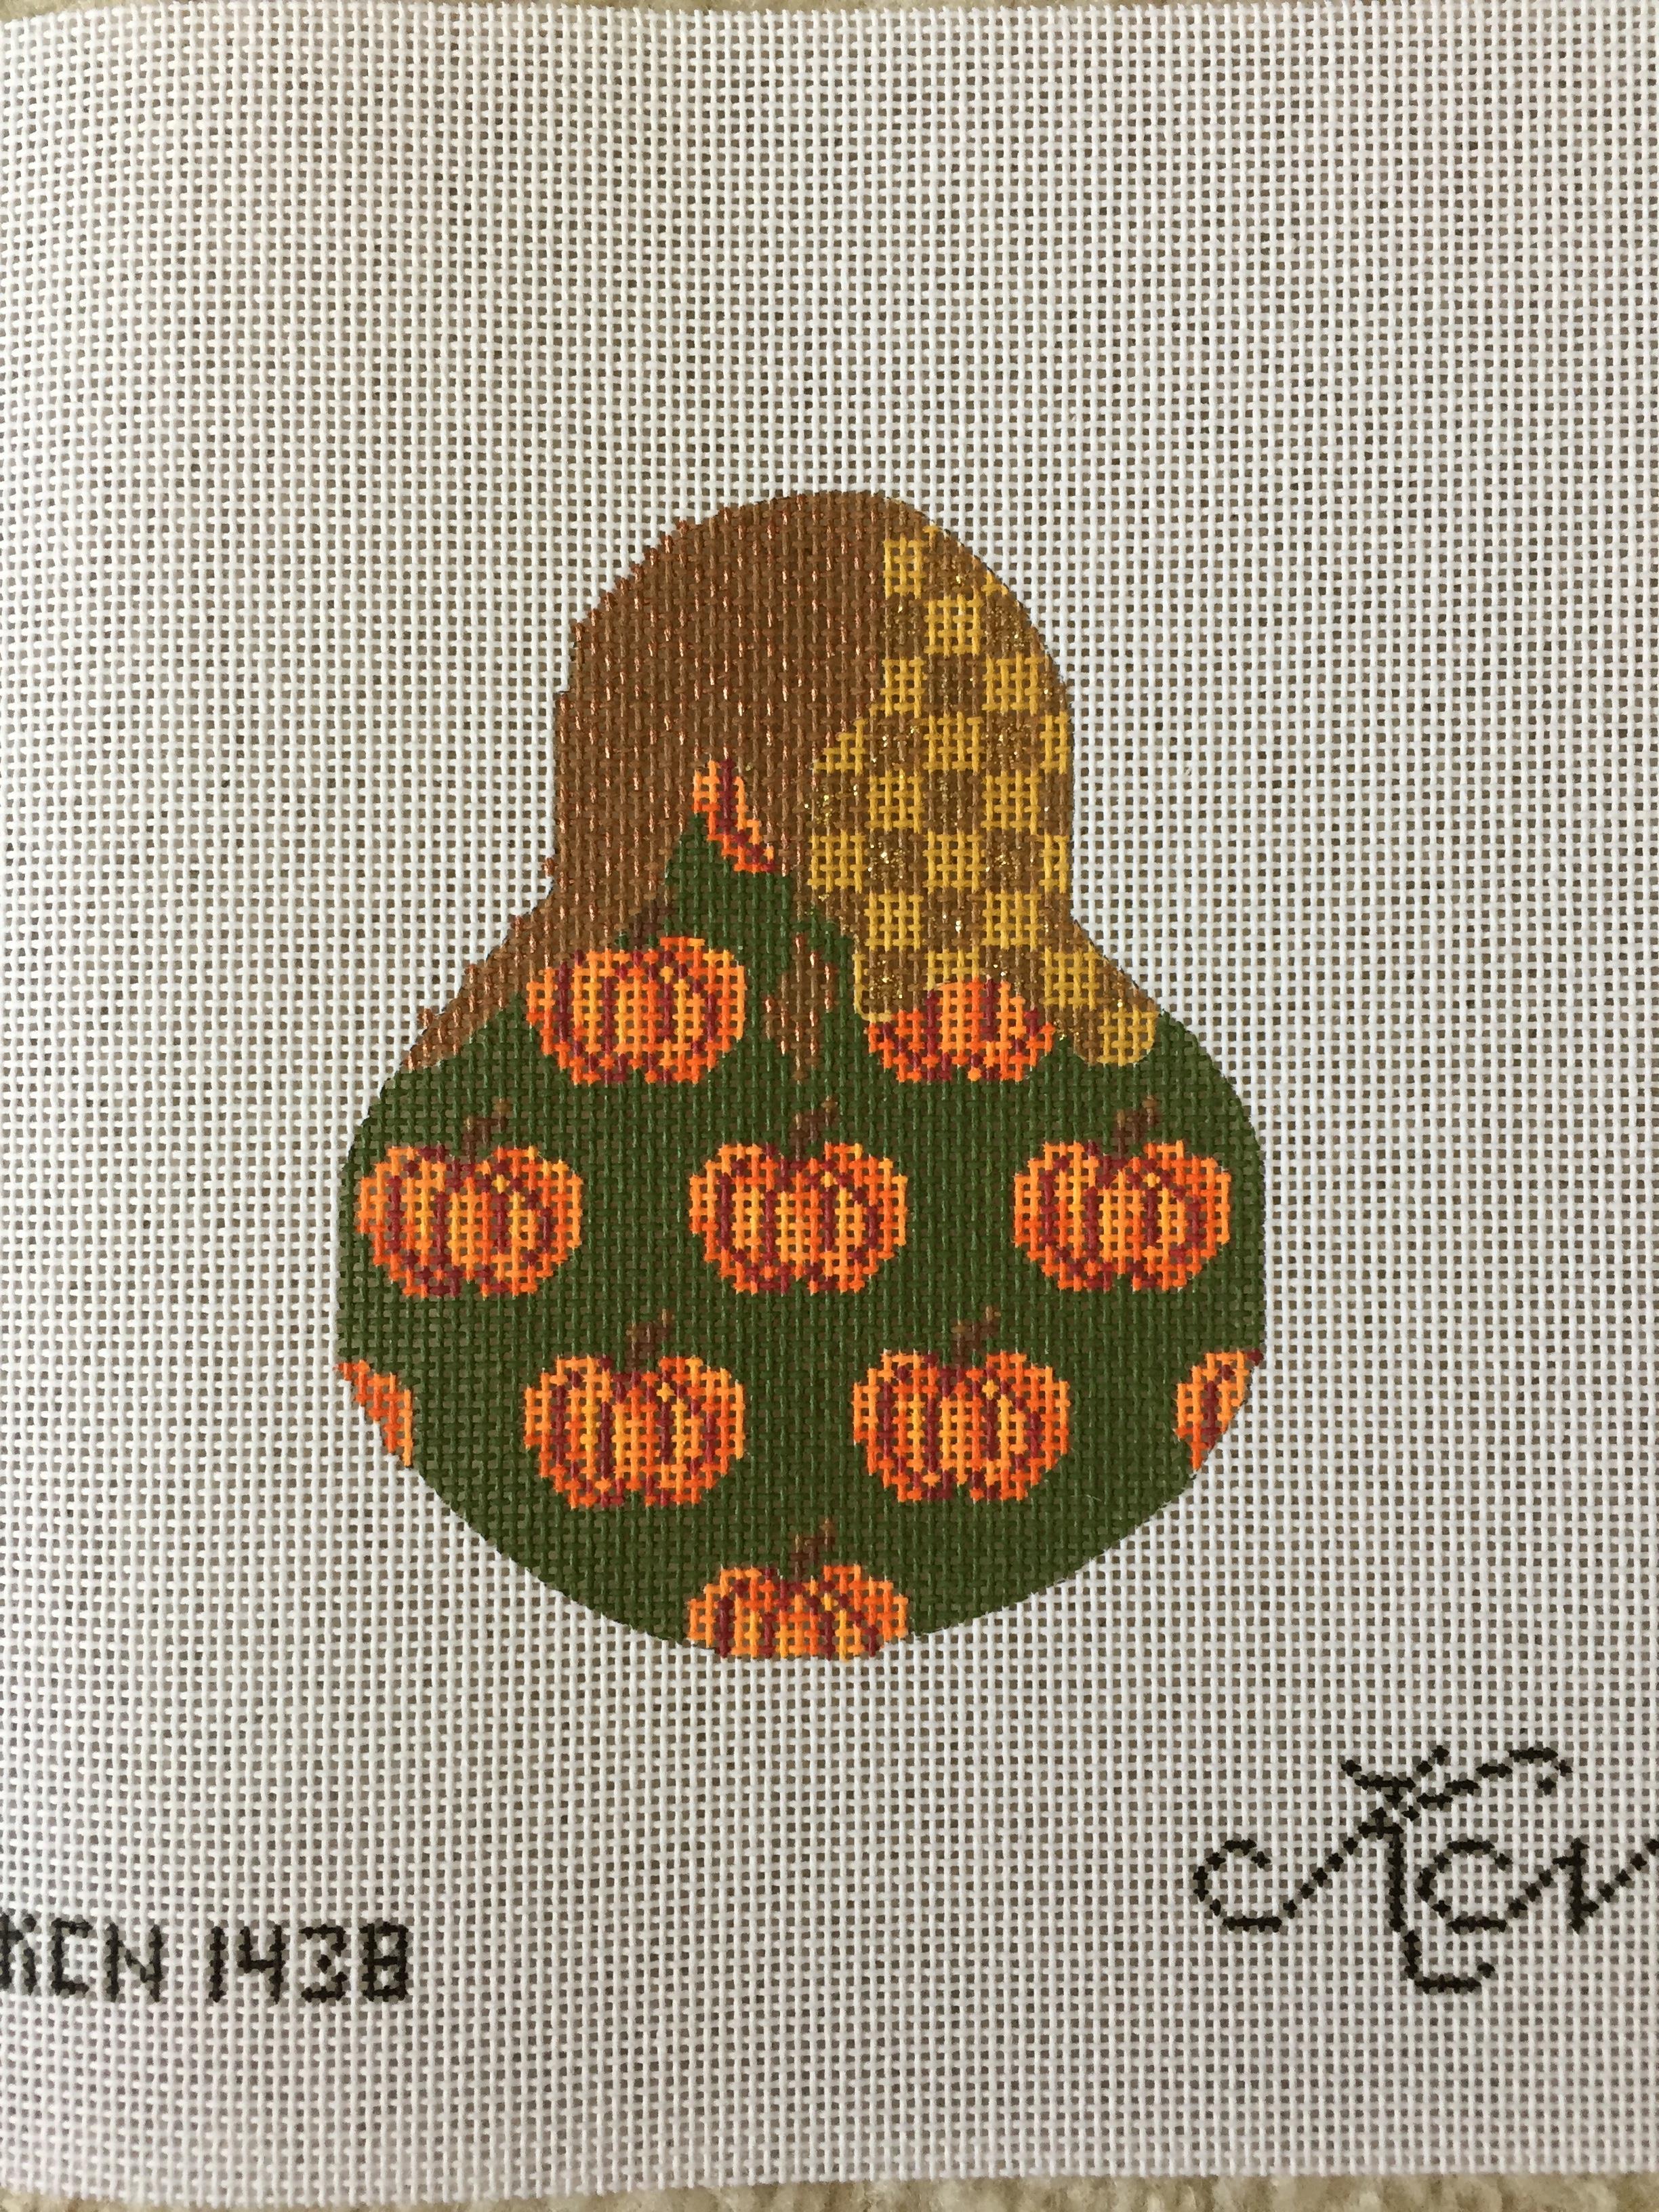 Pumpkin Patterned Pear